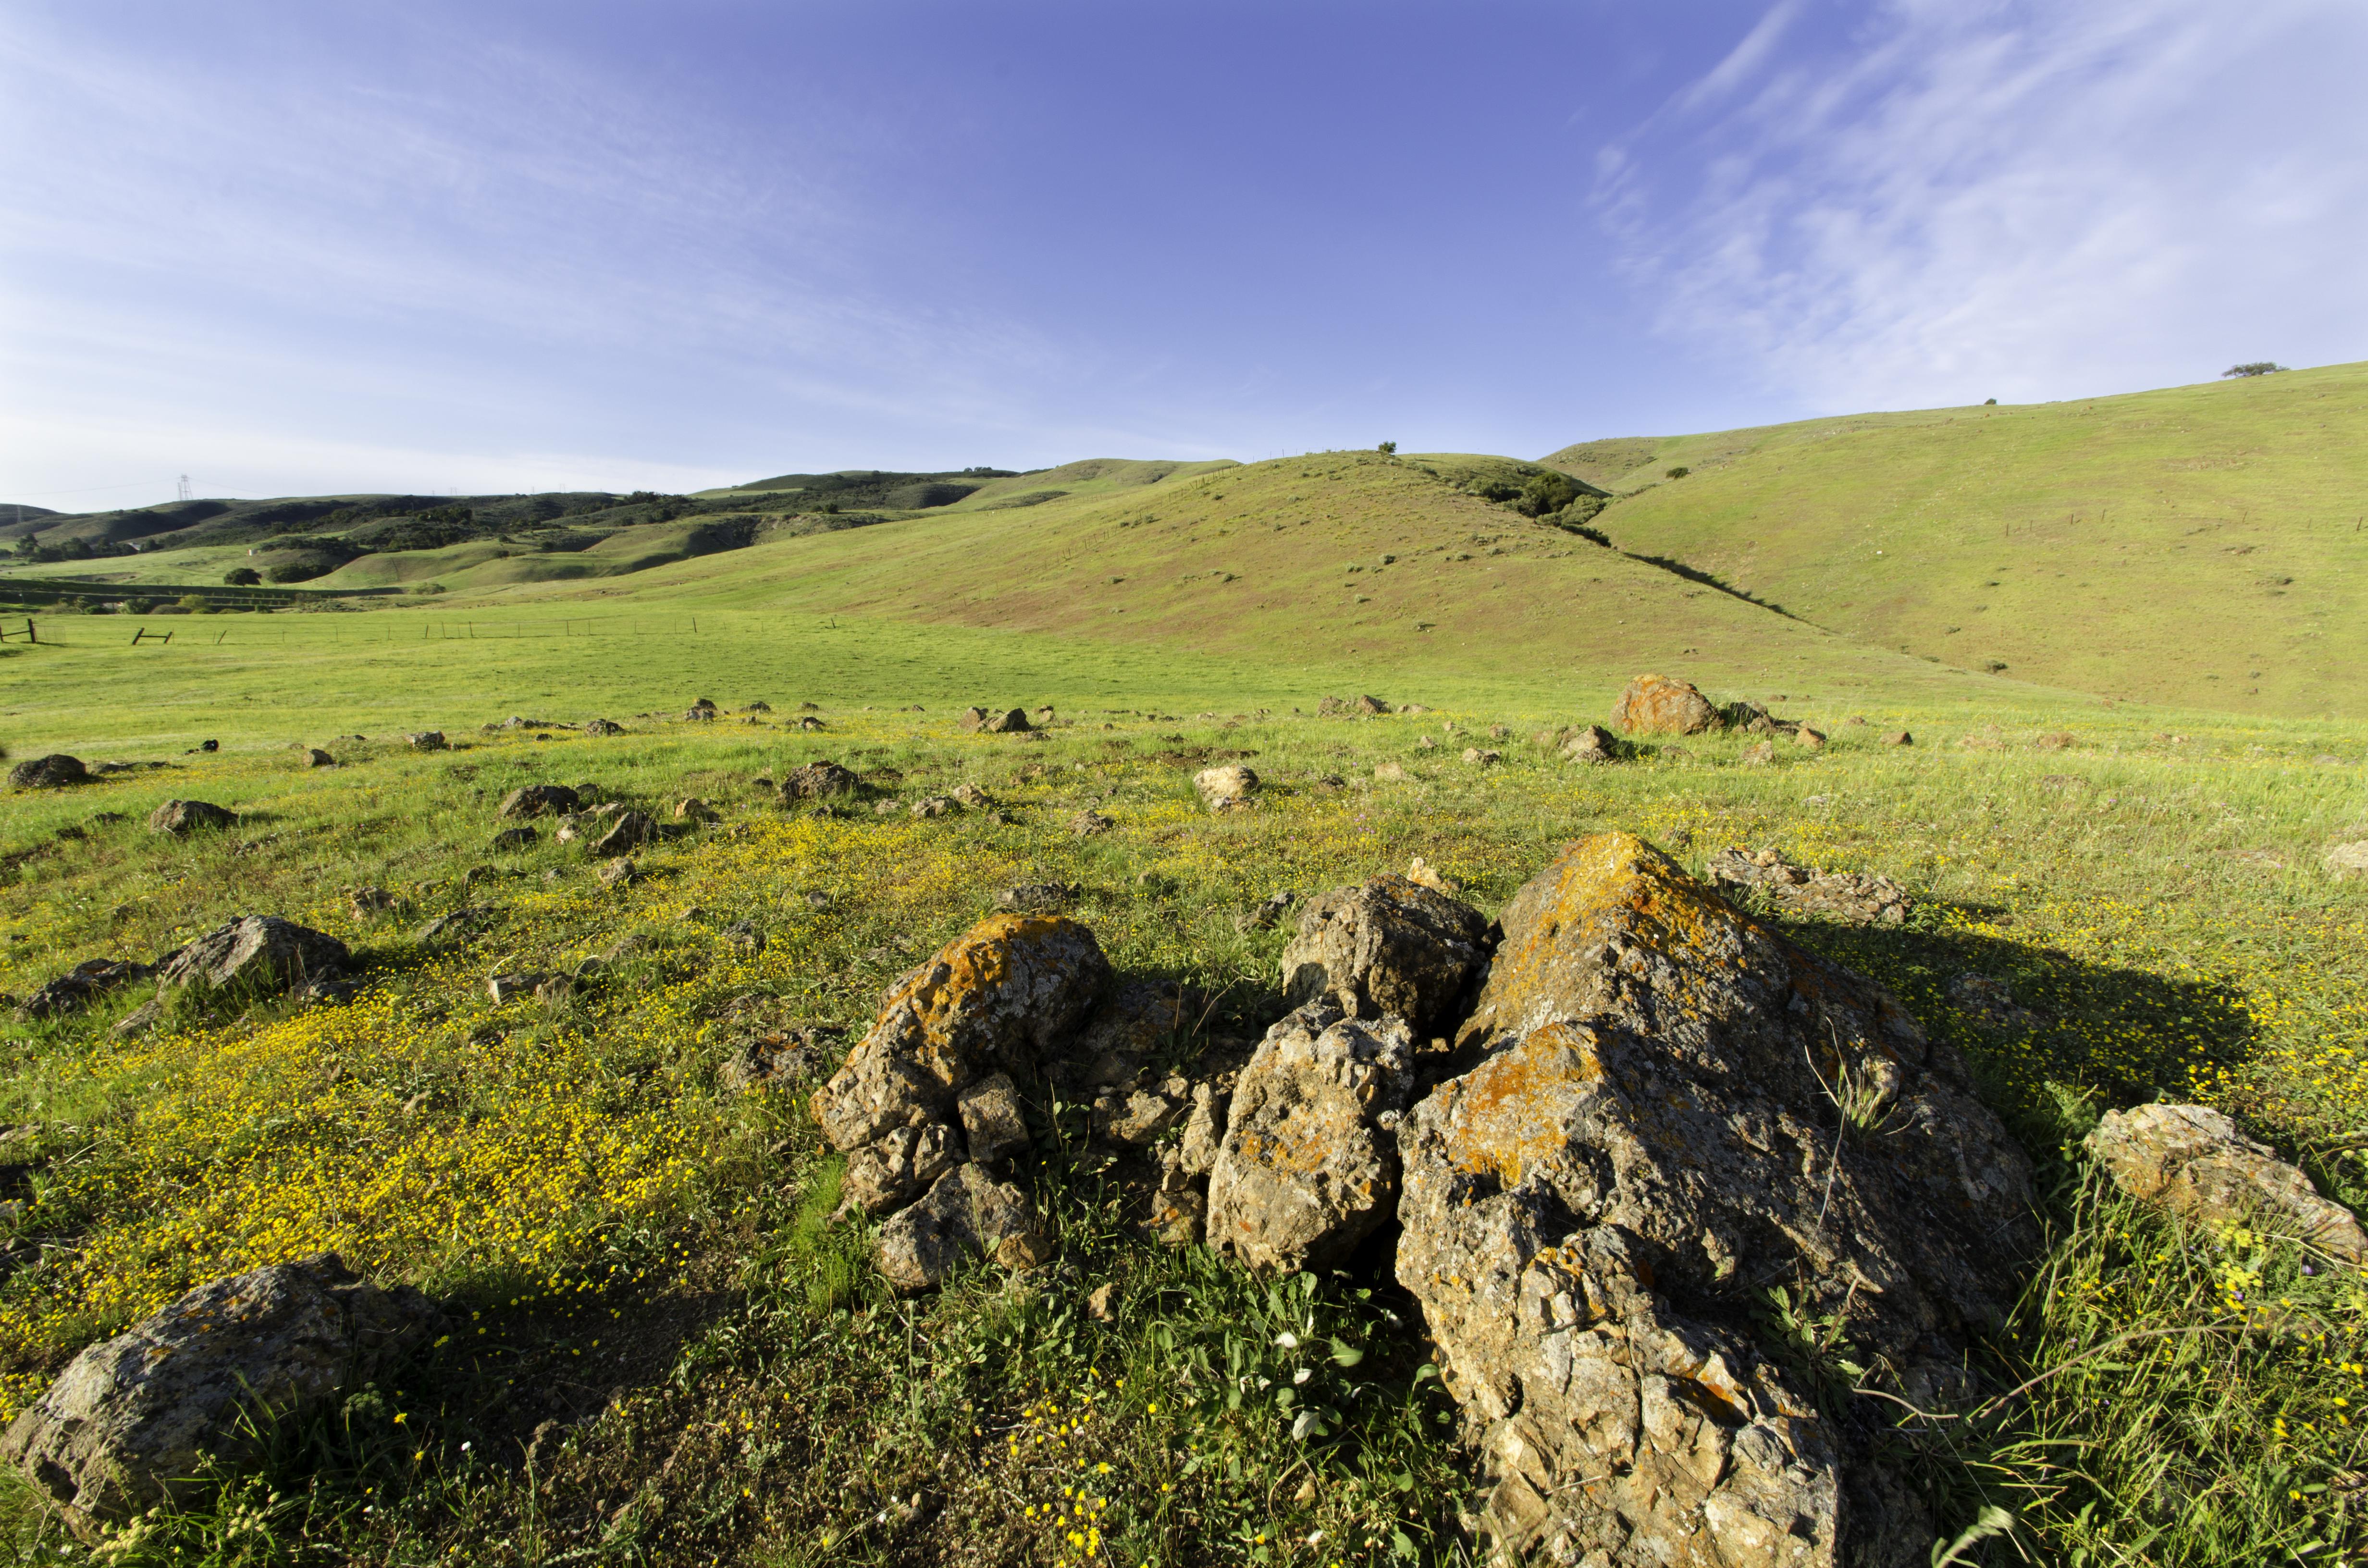 CRID - Landscape - D.Neumann - 03-16-13 - 13